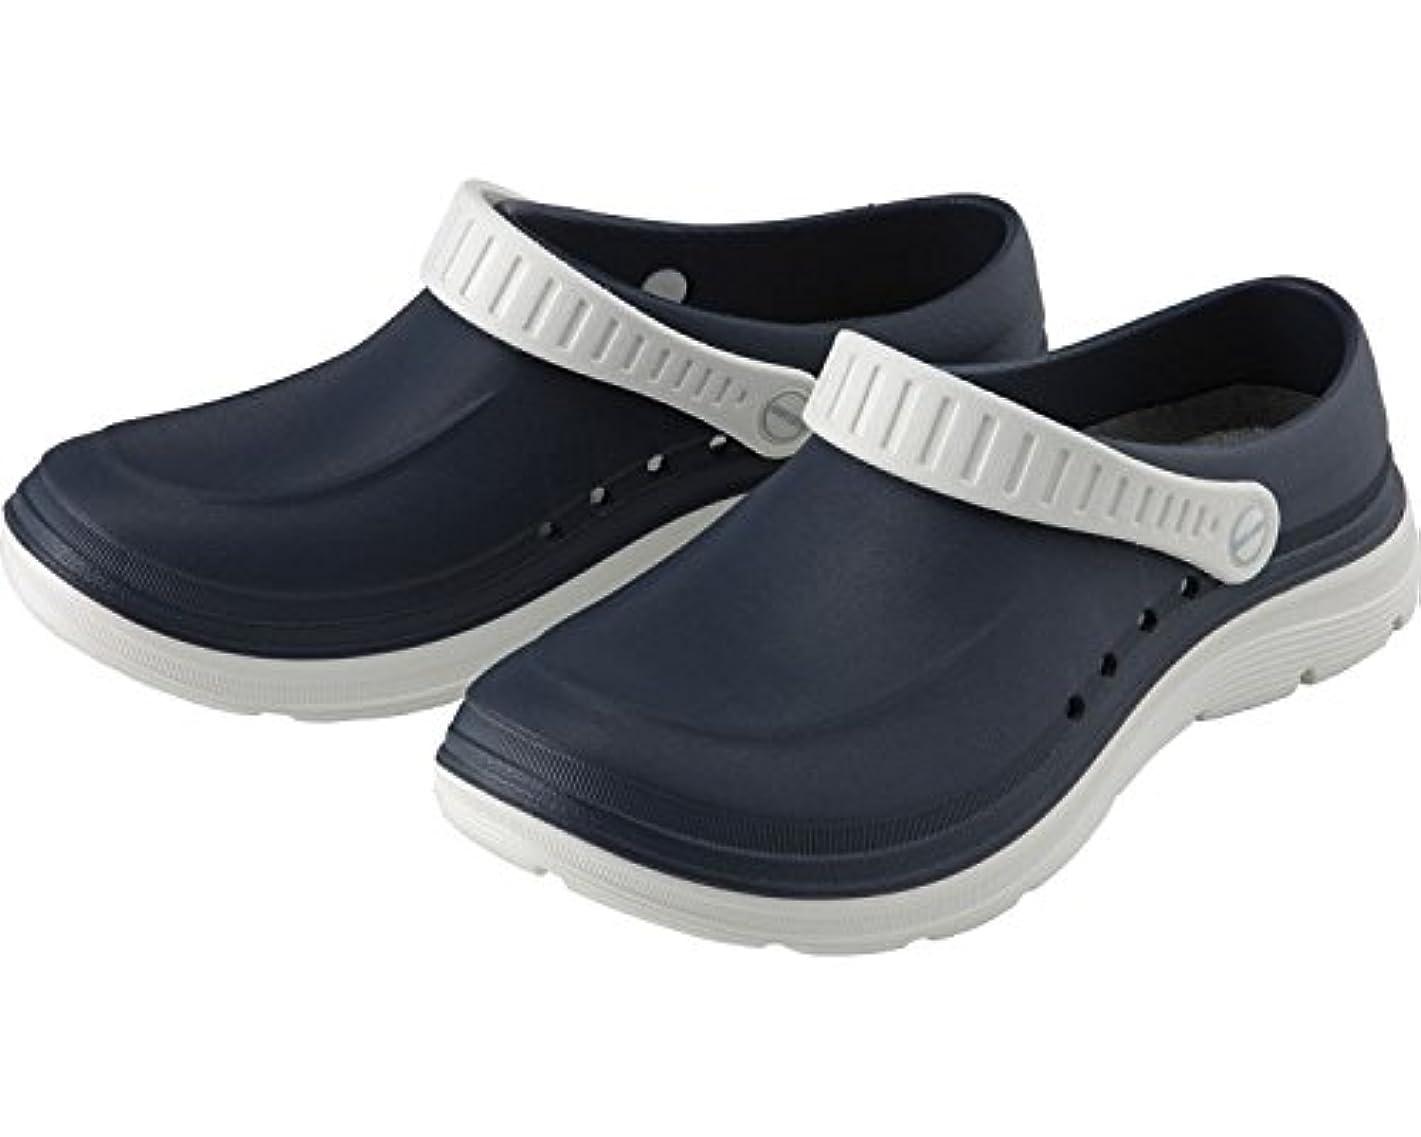 闇光の記者ニューコンフォート LL ダークネイビー No.5050 (マリアンヌ製靴) (シューズ)